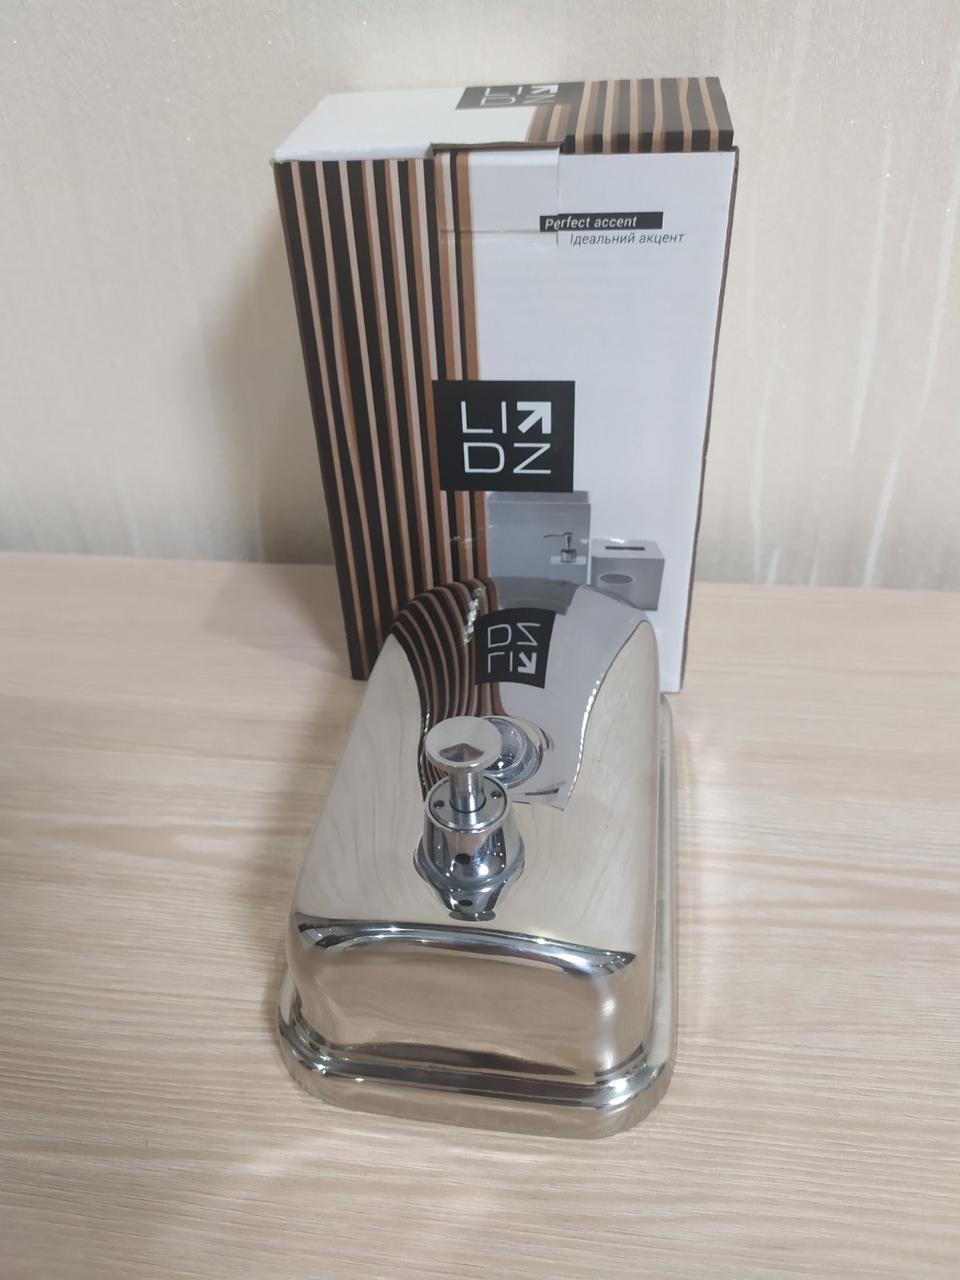 Настенный дозатор для жидкого мыла (диспенсер) 0.5 л. Lidz  хром